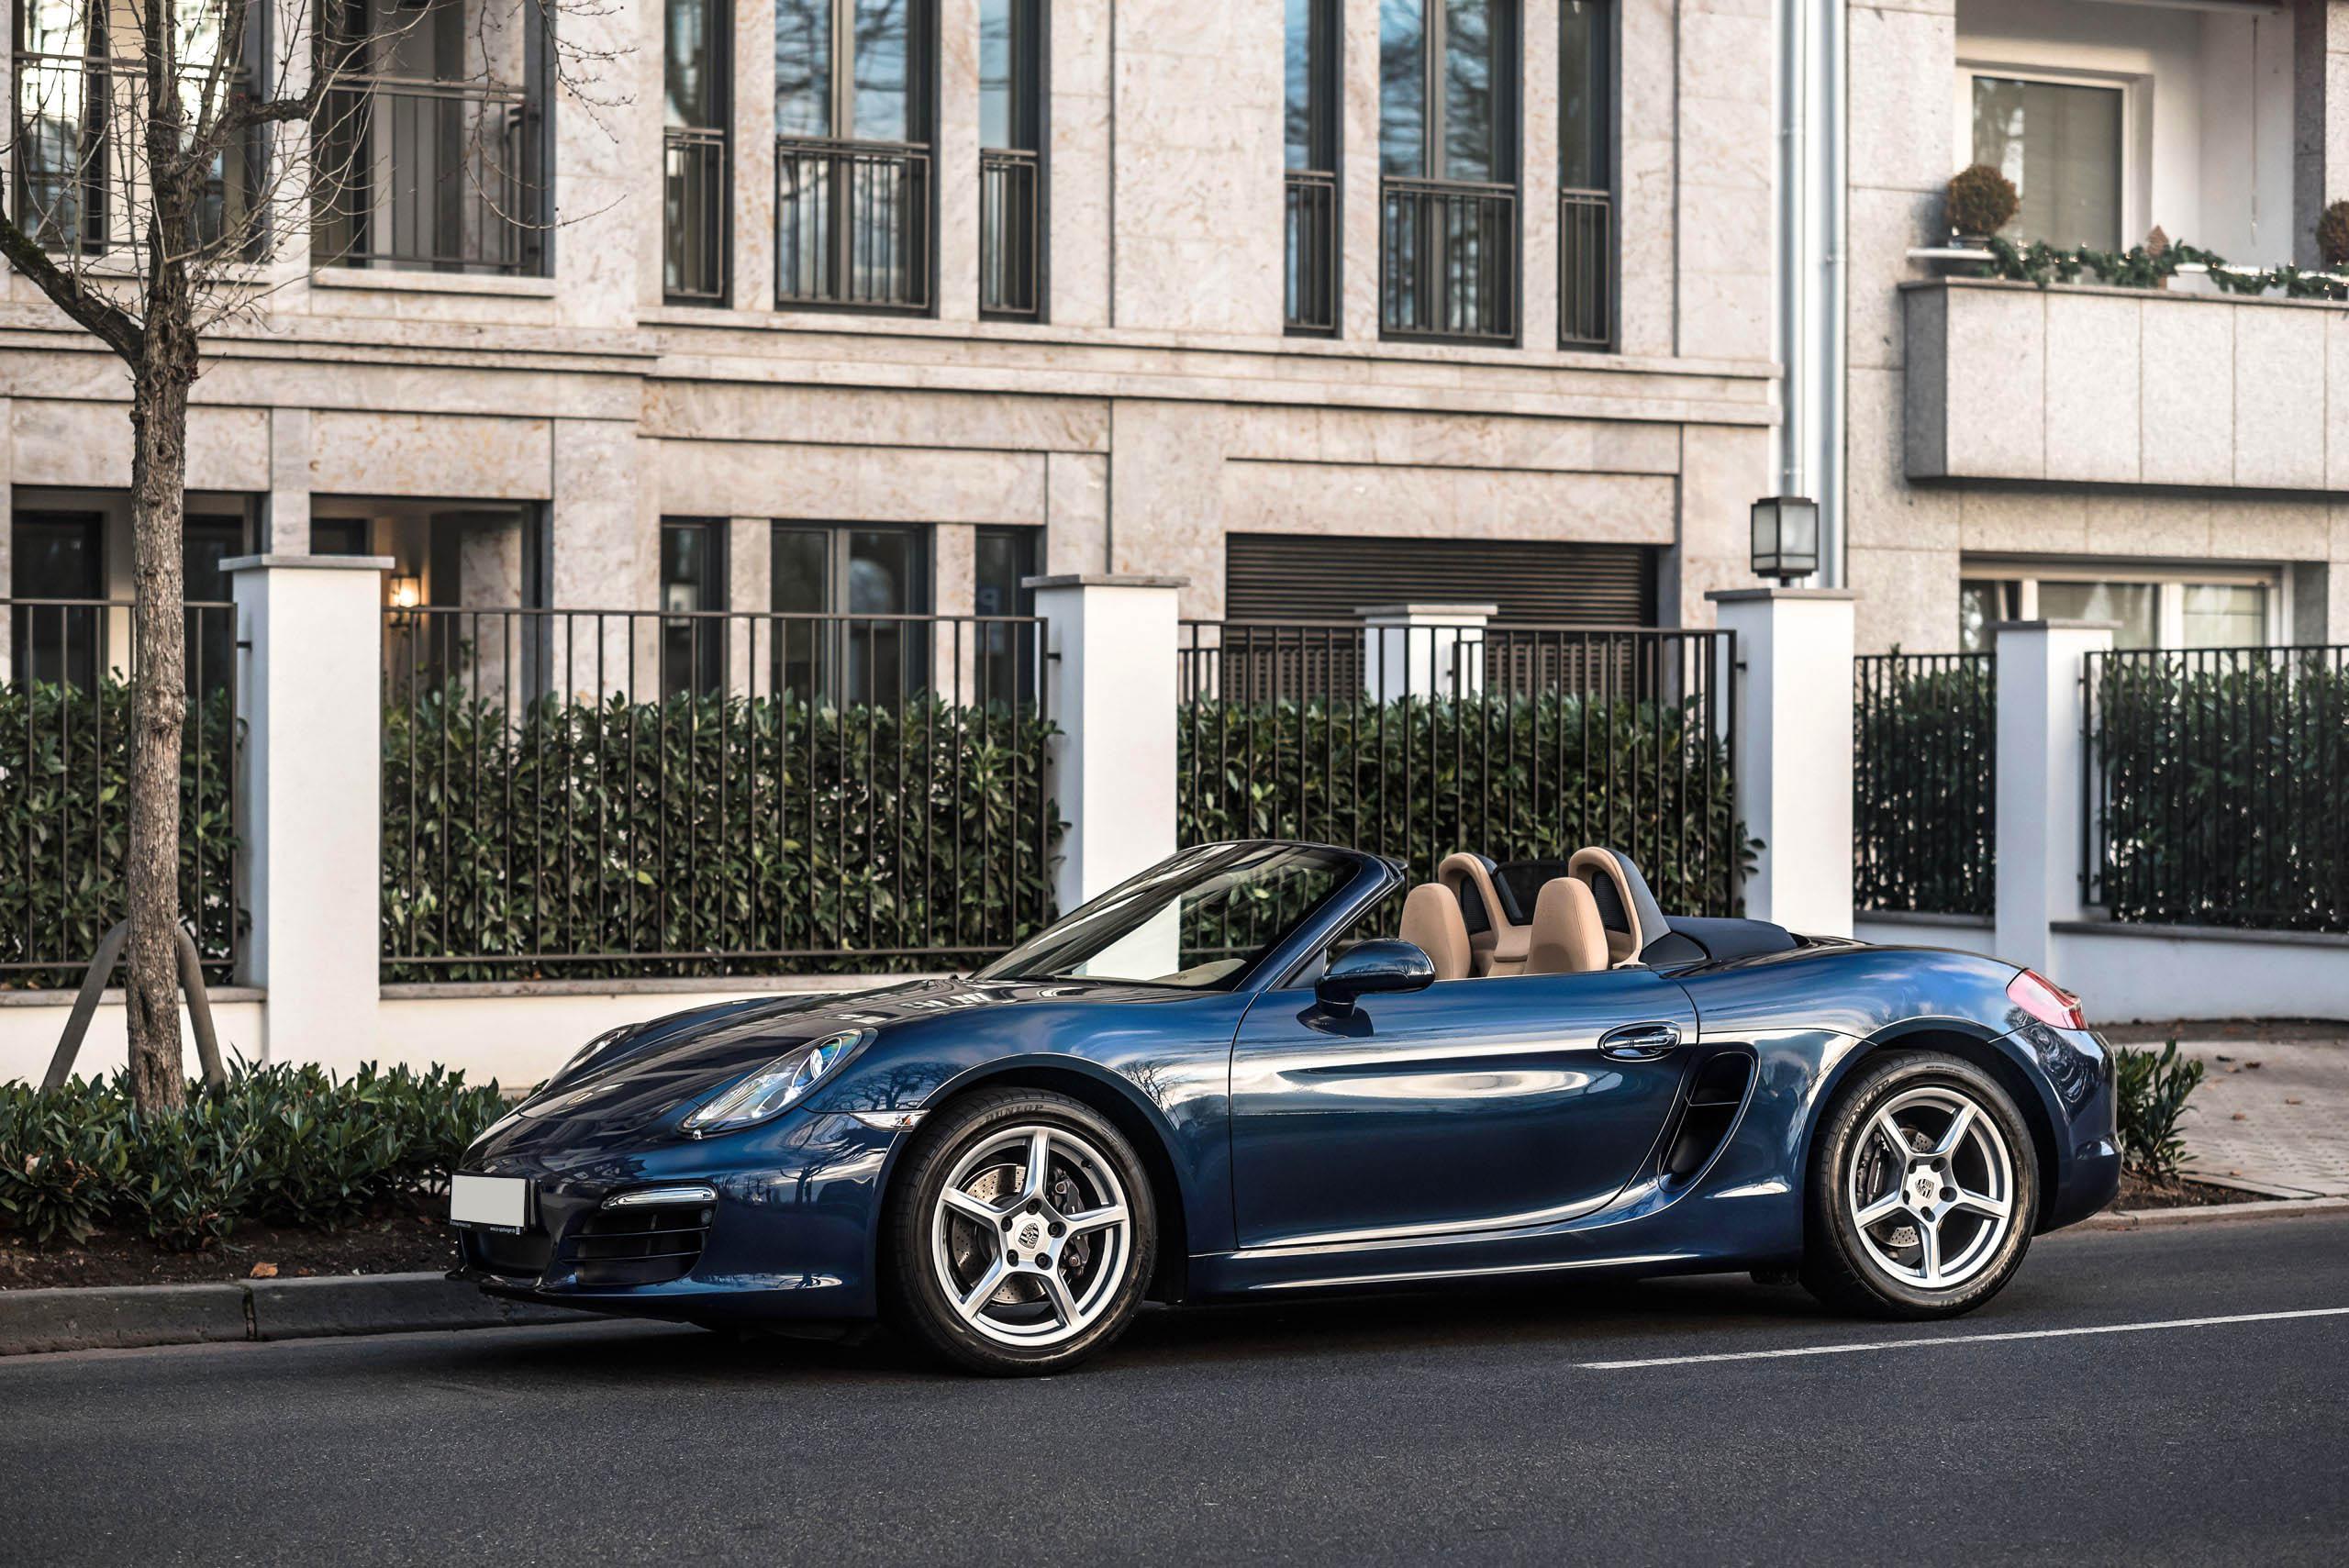 bk_sportwagen_rheinland_gmbh_Porsche_Boxster_blau